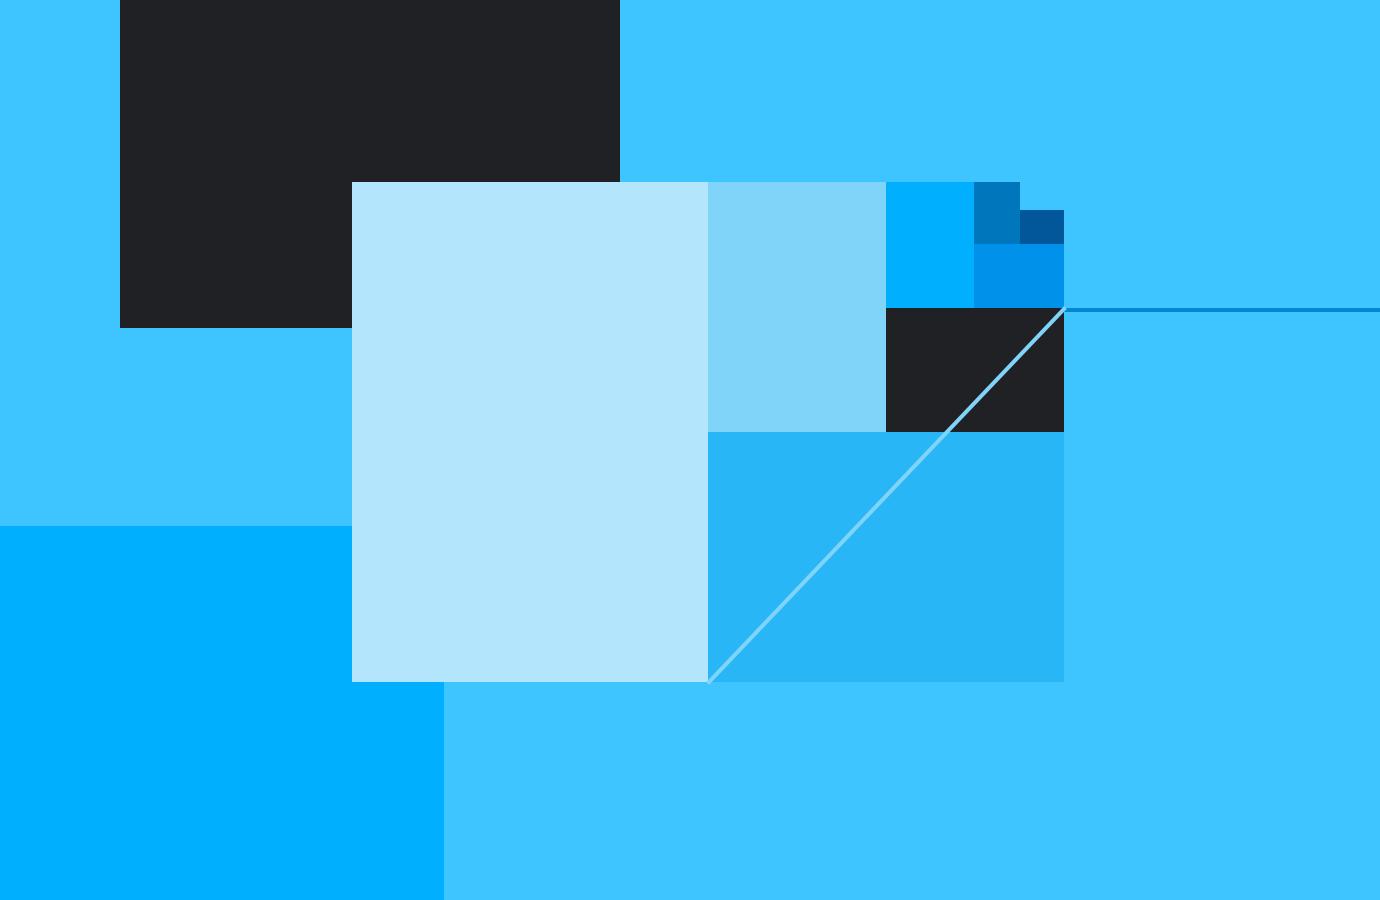 フラットデザインのイメージ